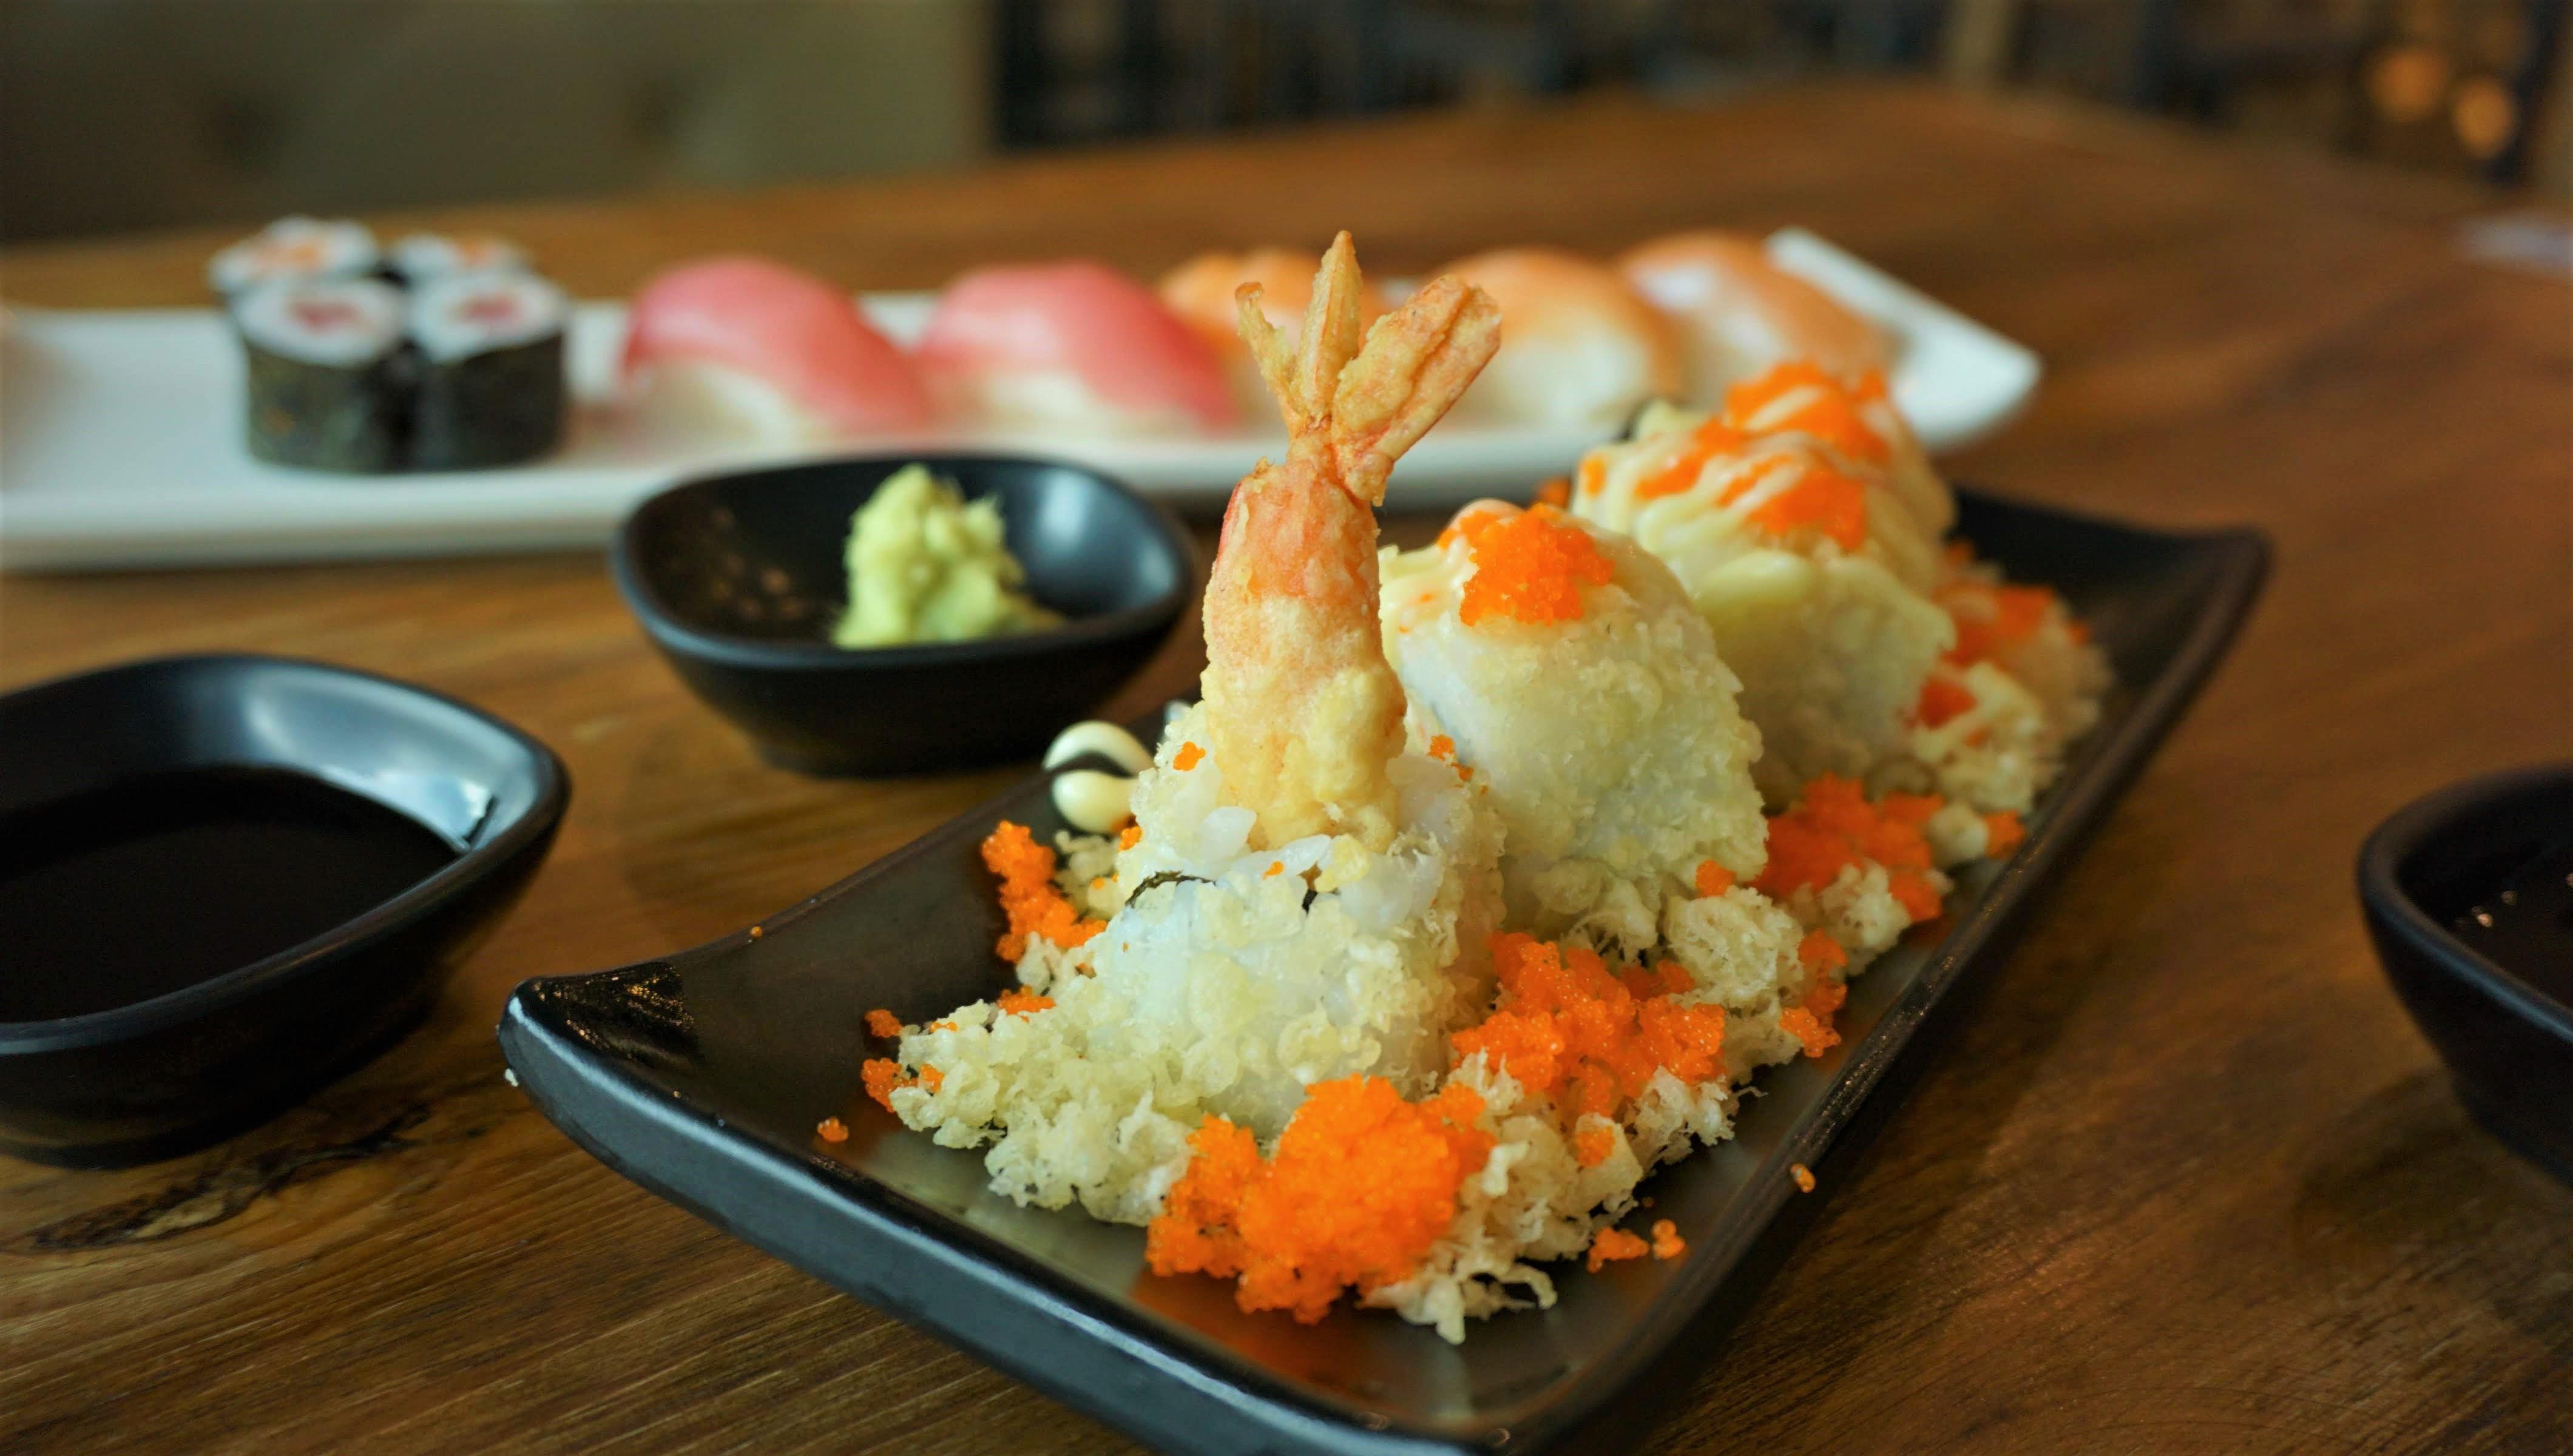 川越のおすすめ和食17選!懐石料理やうなぎなど人気店を厳選してご紹介!